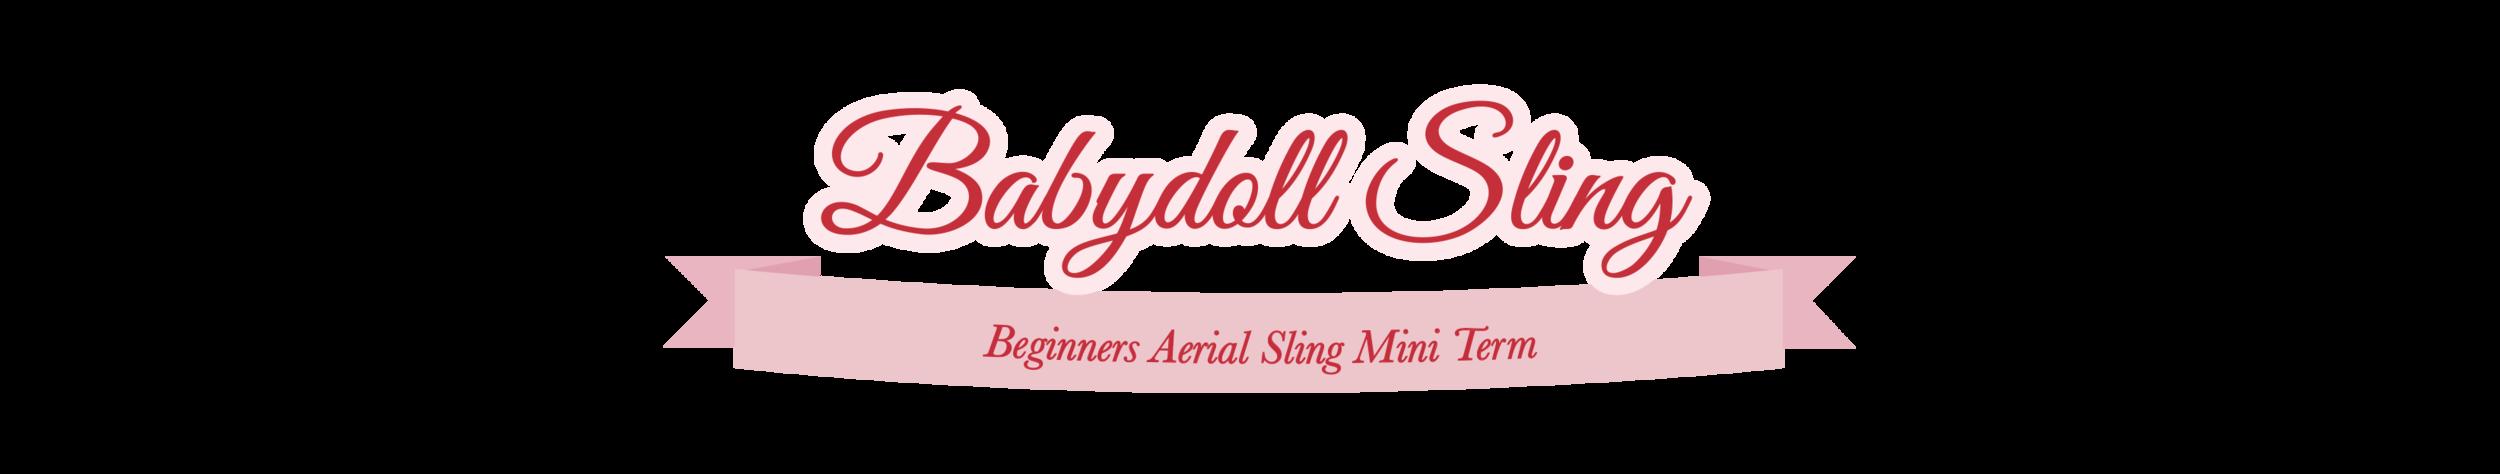 babydoll-sling-banner.png